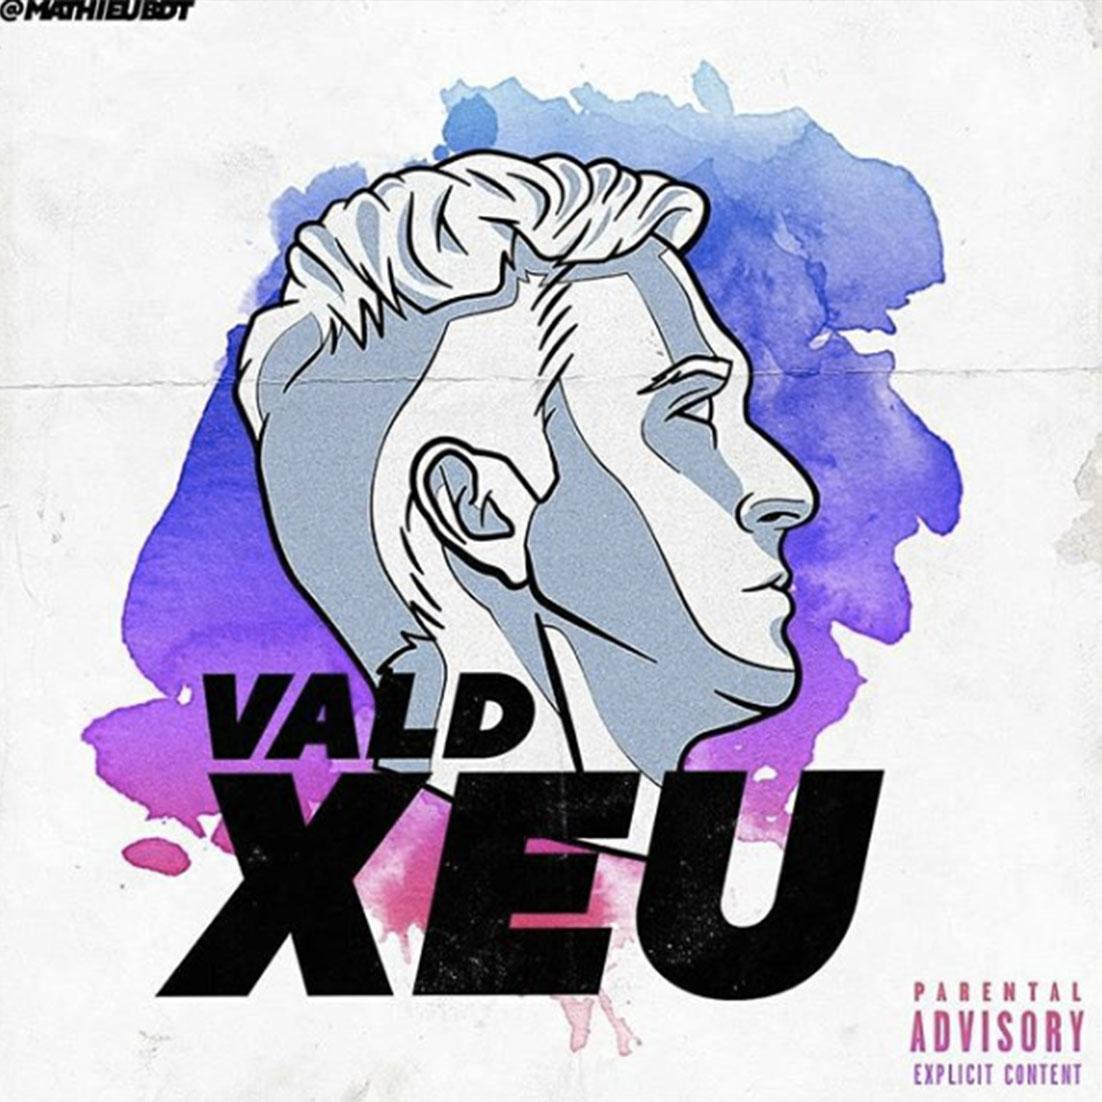 """Vald cover fans rap creation musique xeu illustration - Les meilleures pochettes réalisées pour """"XEU"""", le nouvel album de Vald"""